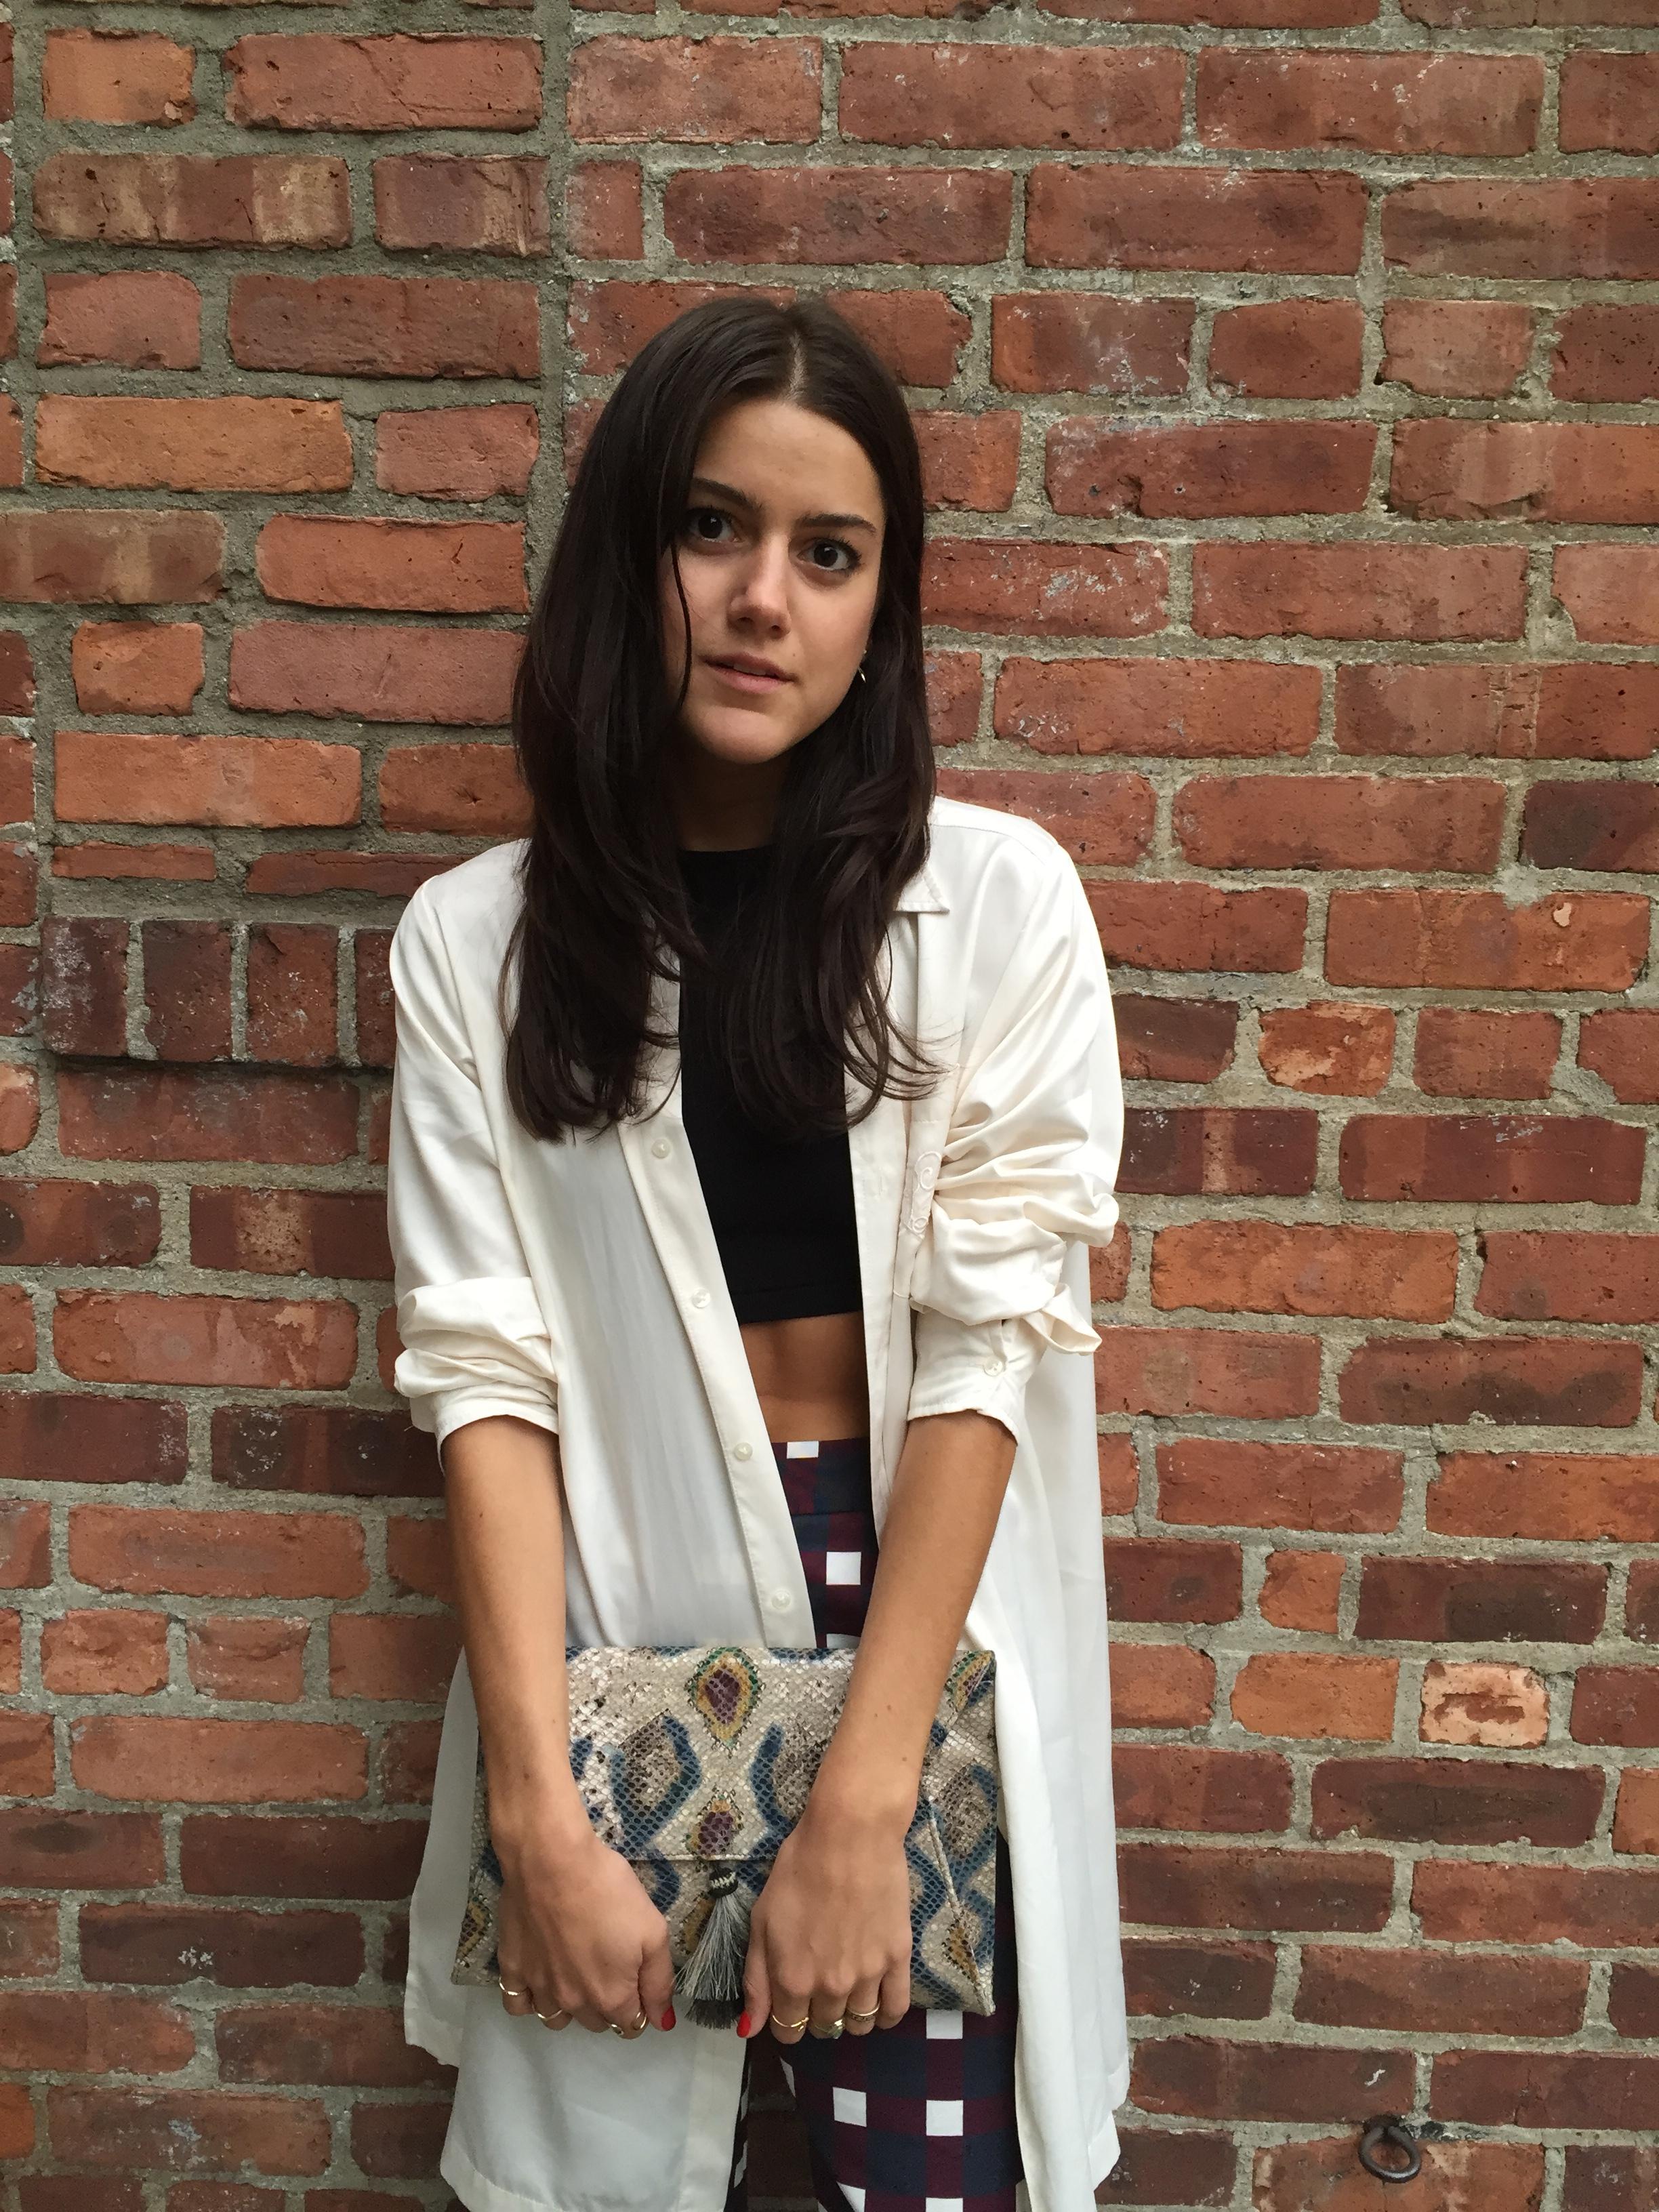 A Vintage Vice - Emma Sousa - NYFW2 - 5.jpg